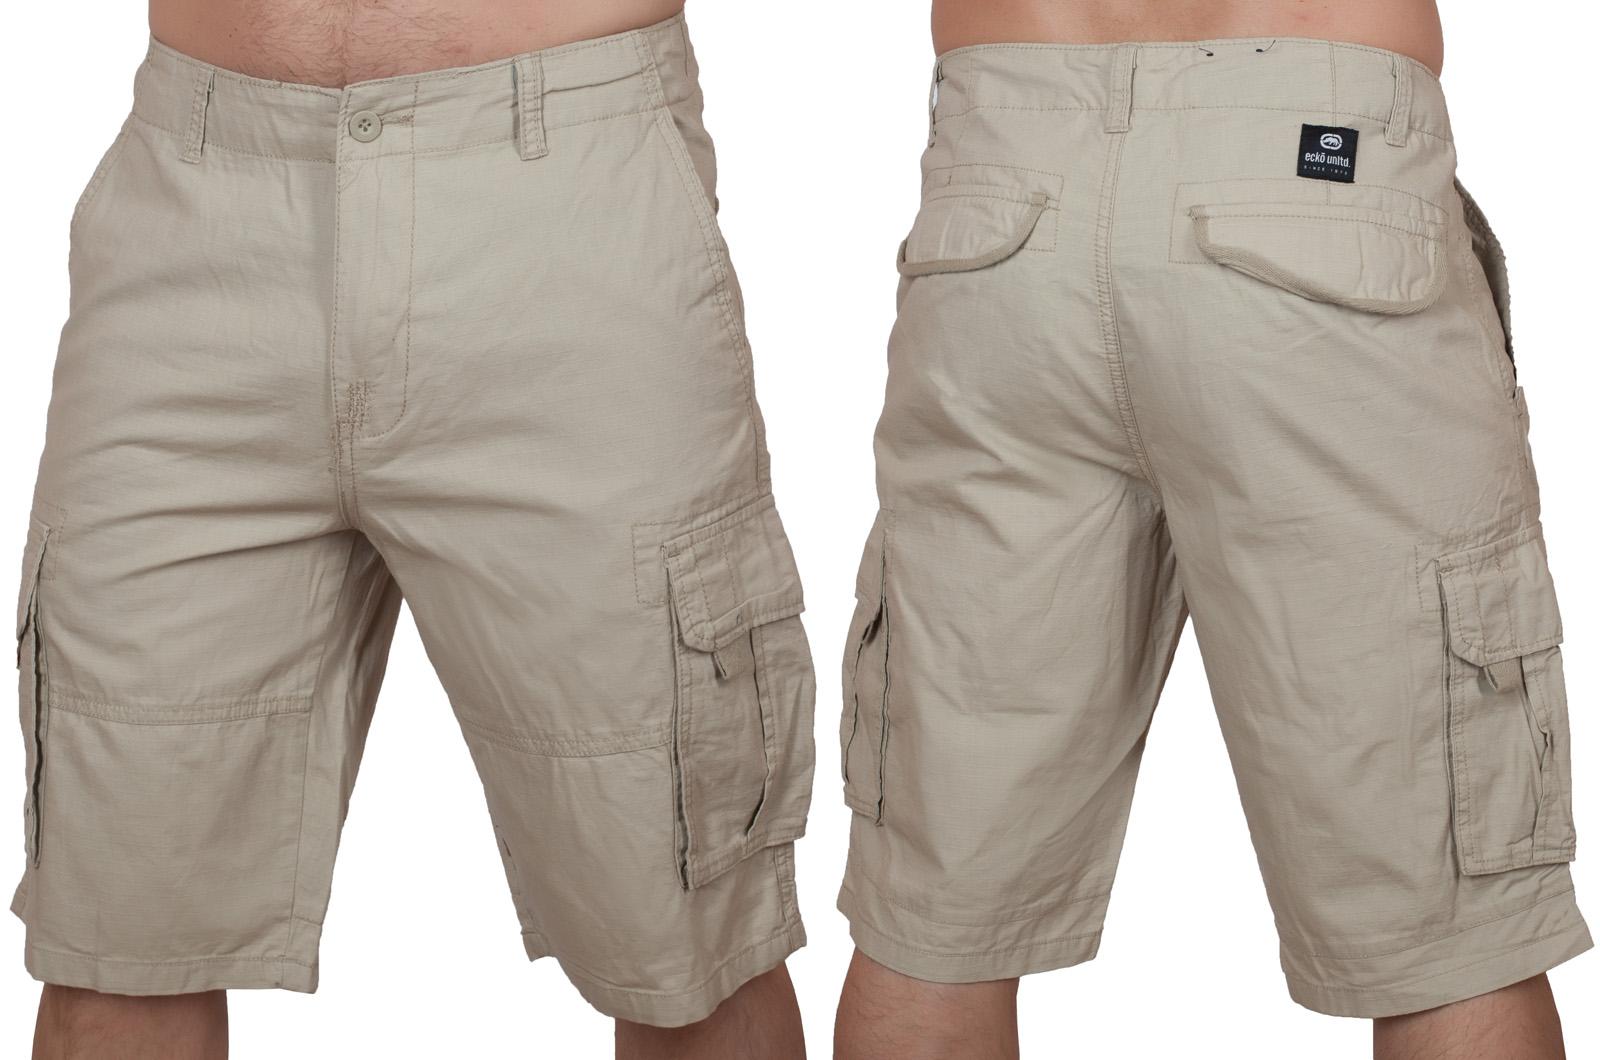 Мужские хлопковые шорты от Ecko Unltd (США) с доставкой